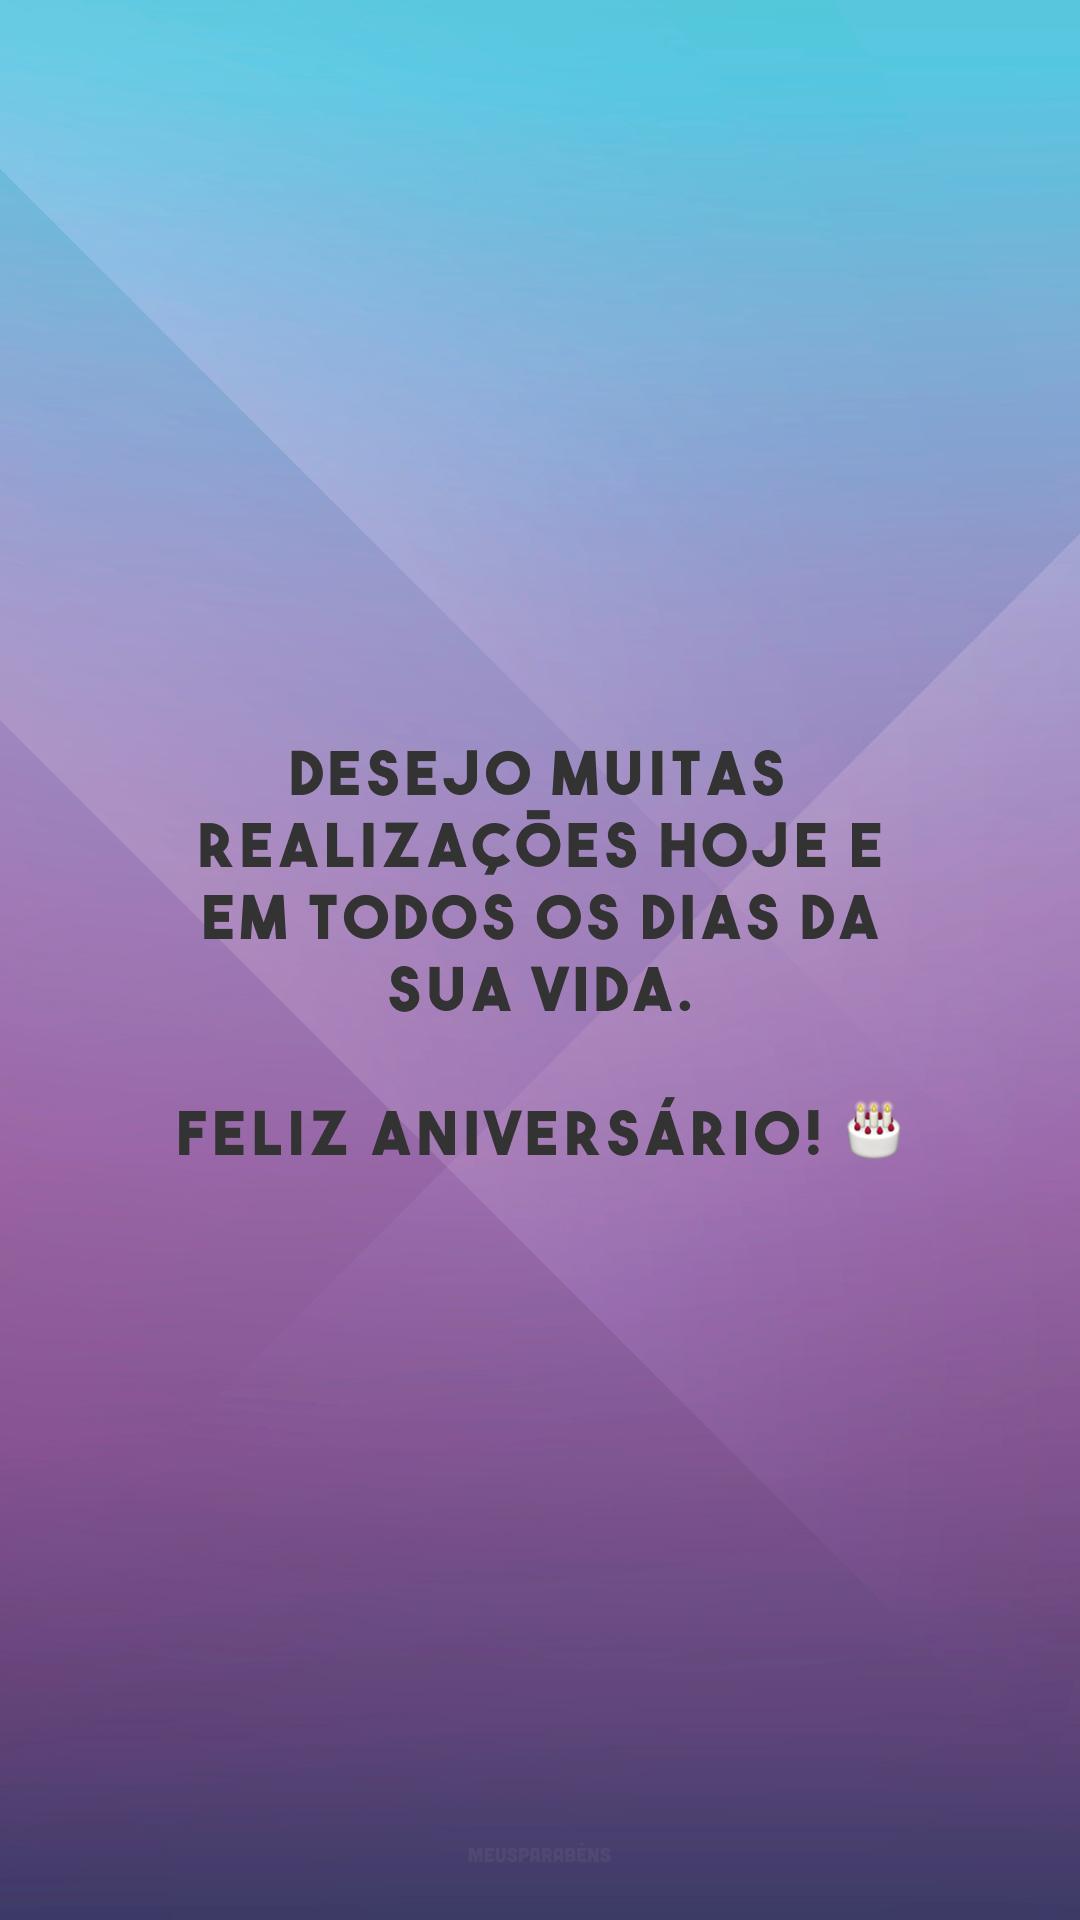 Desejo muitas realizações hoje e em todos os dias da sua vida. Feliz aniversário! 🎂